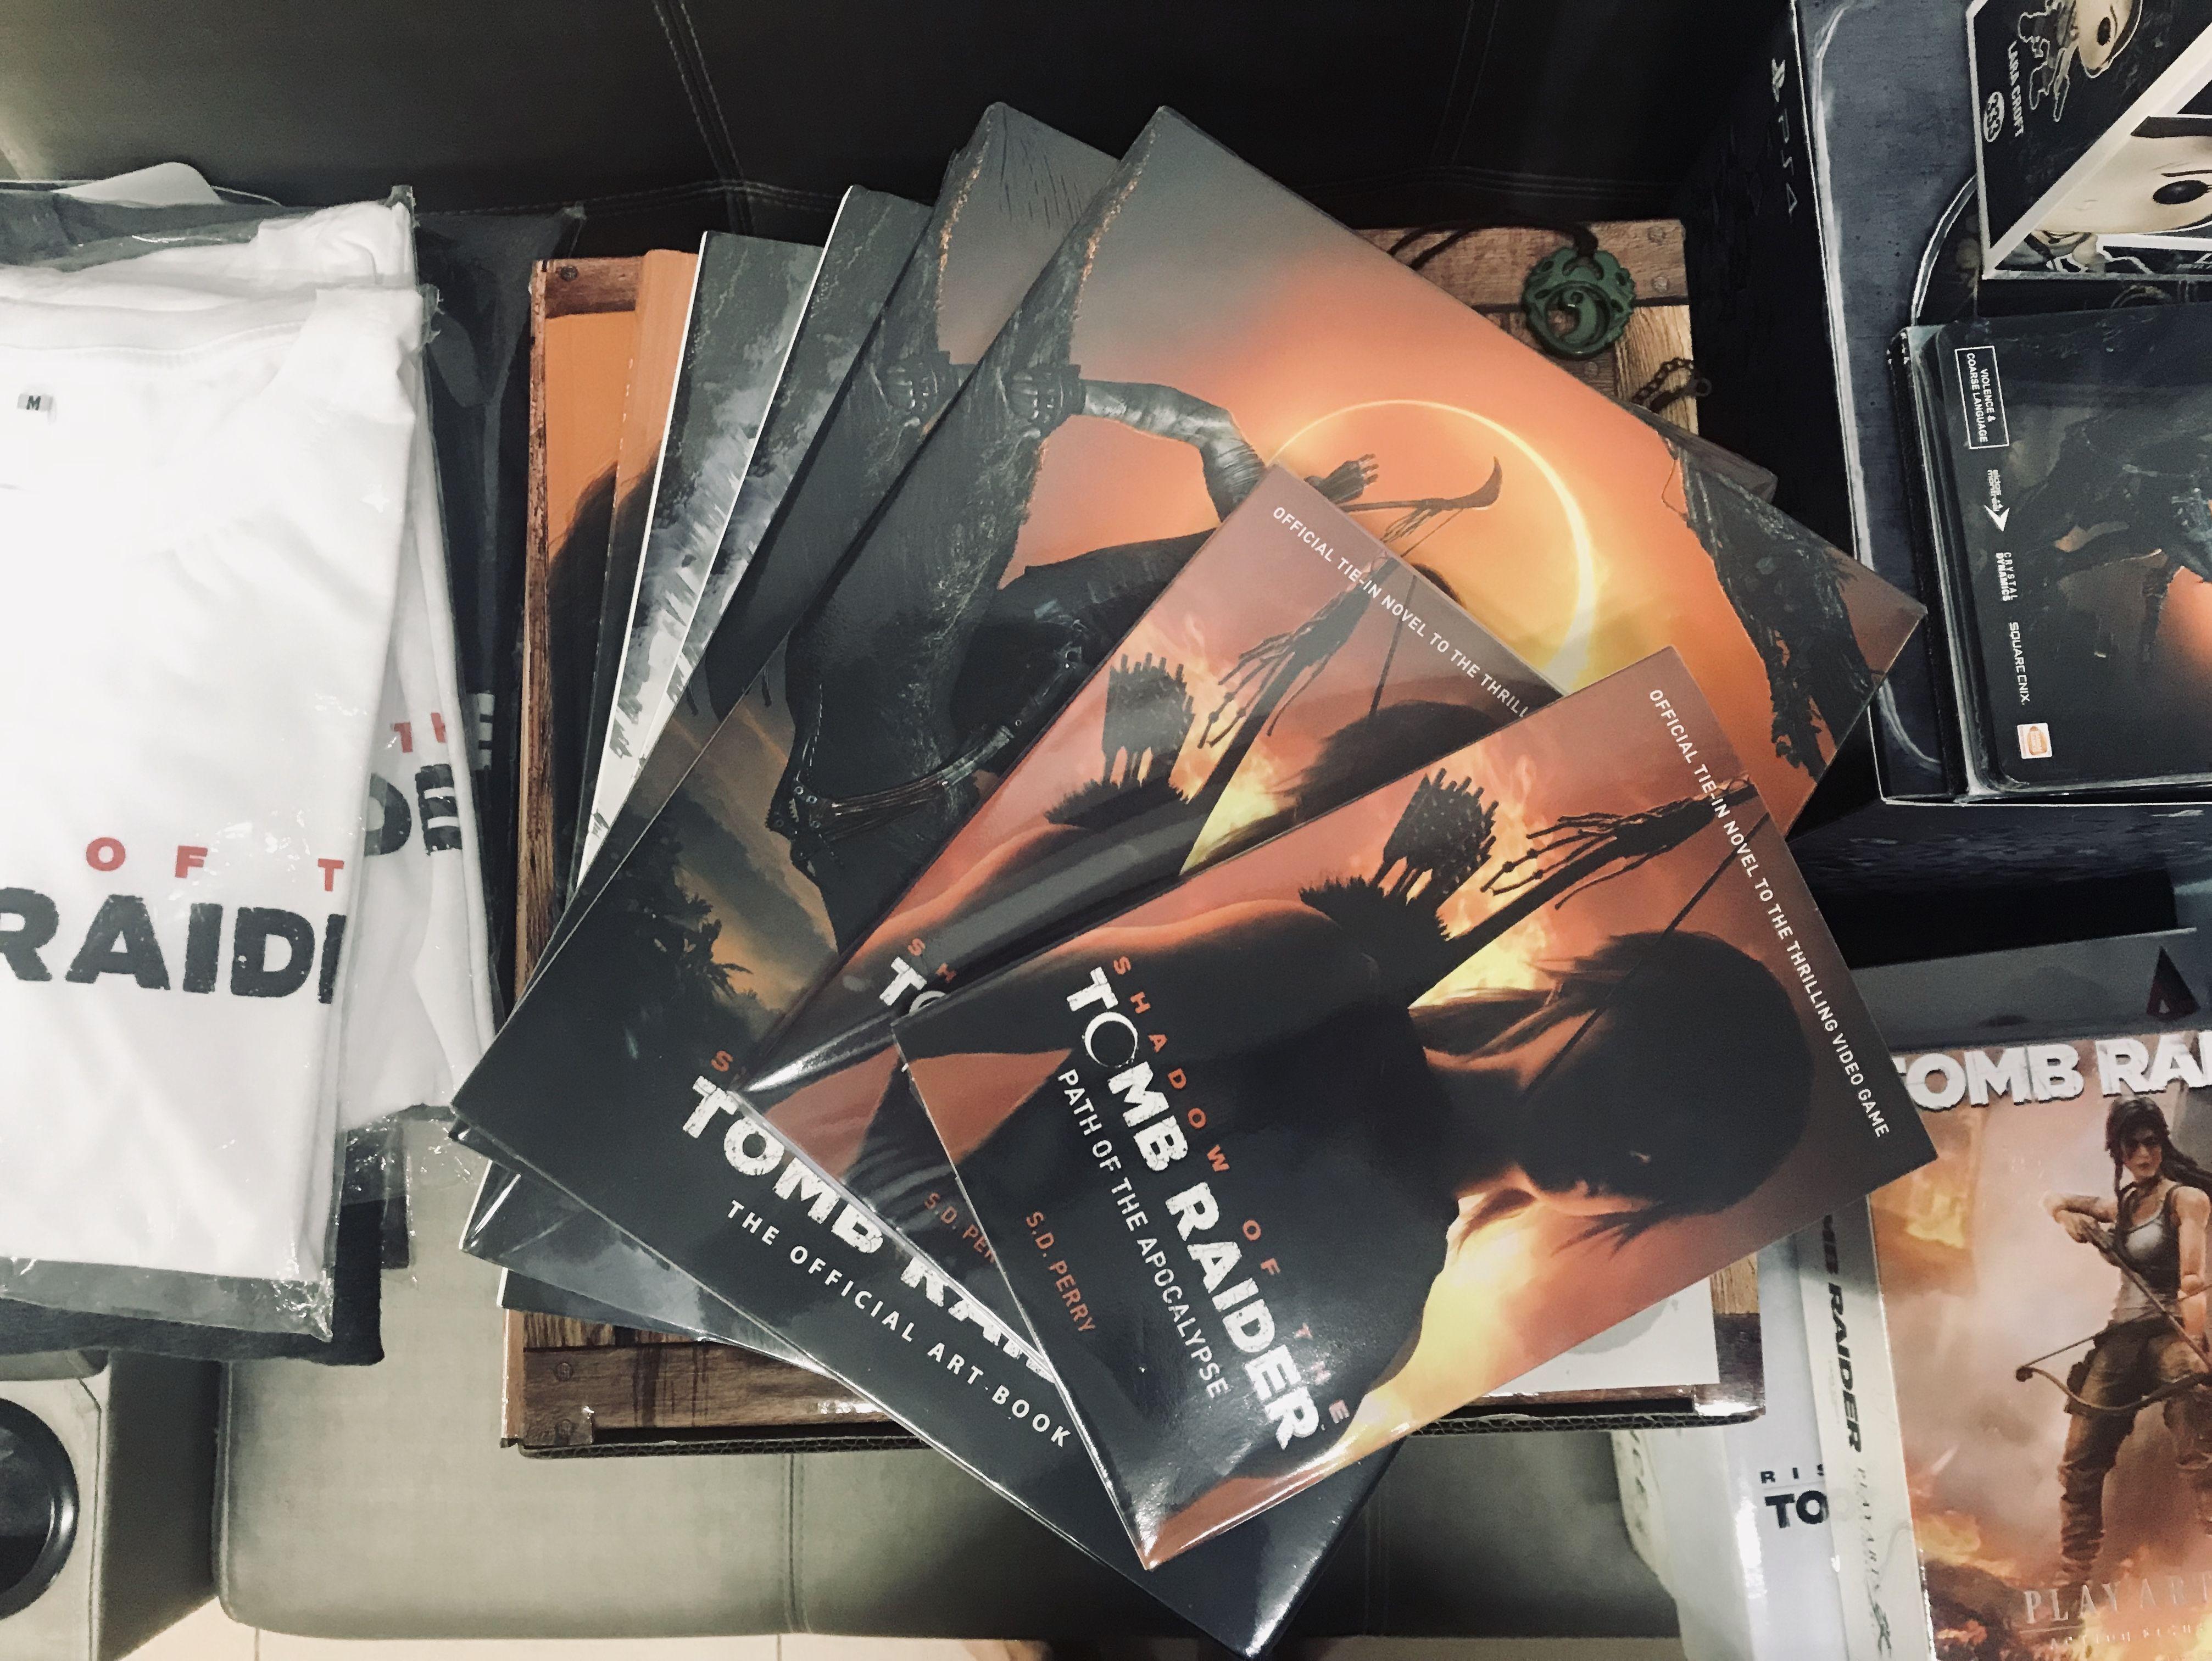 Tomb Raider Books And Art Book